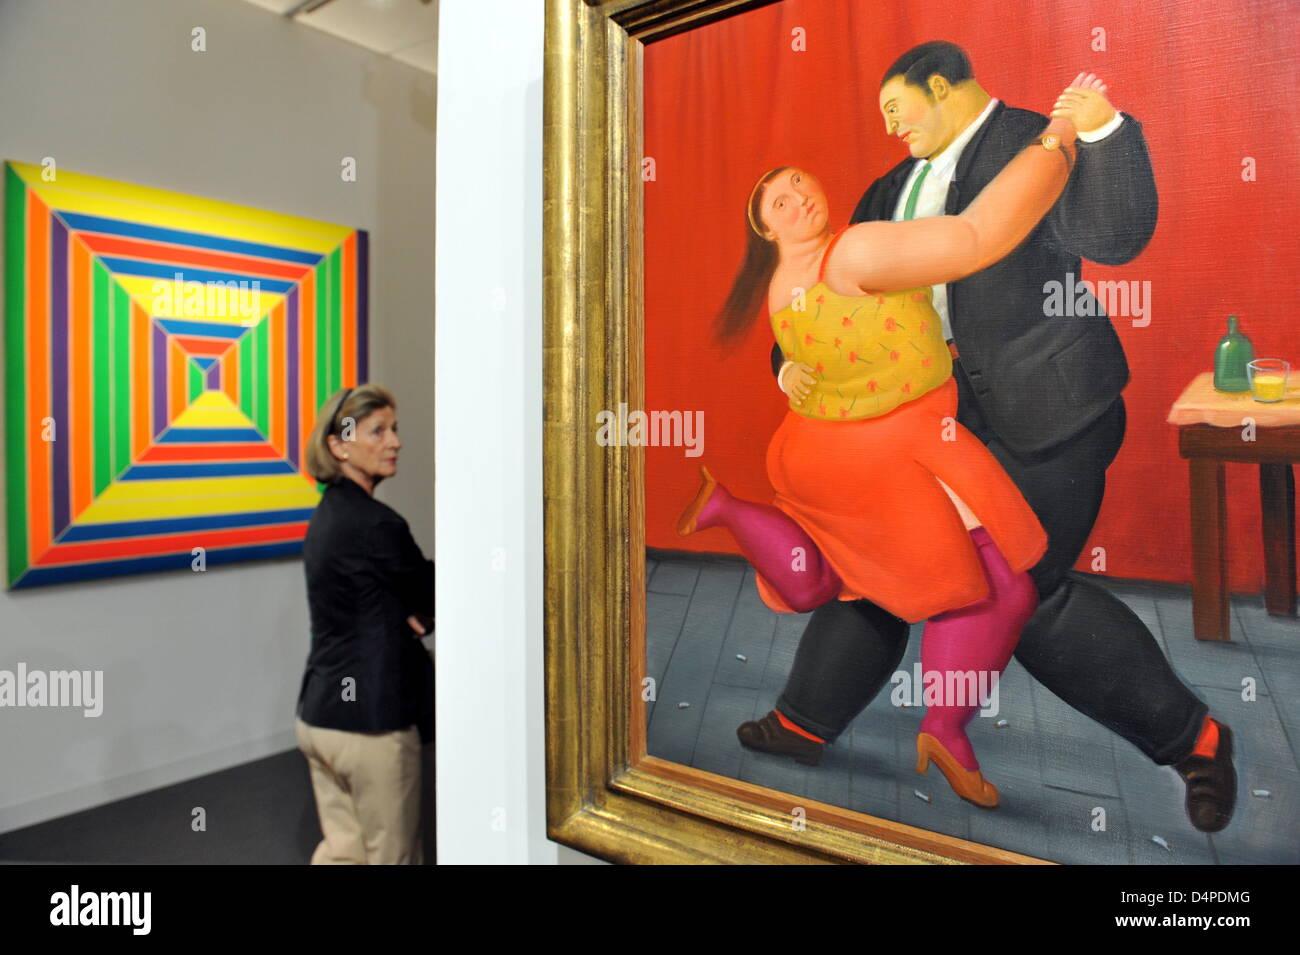 Botero Paintings Dancing